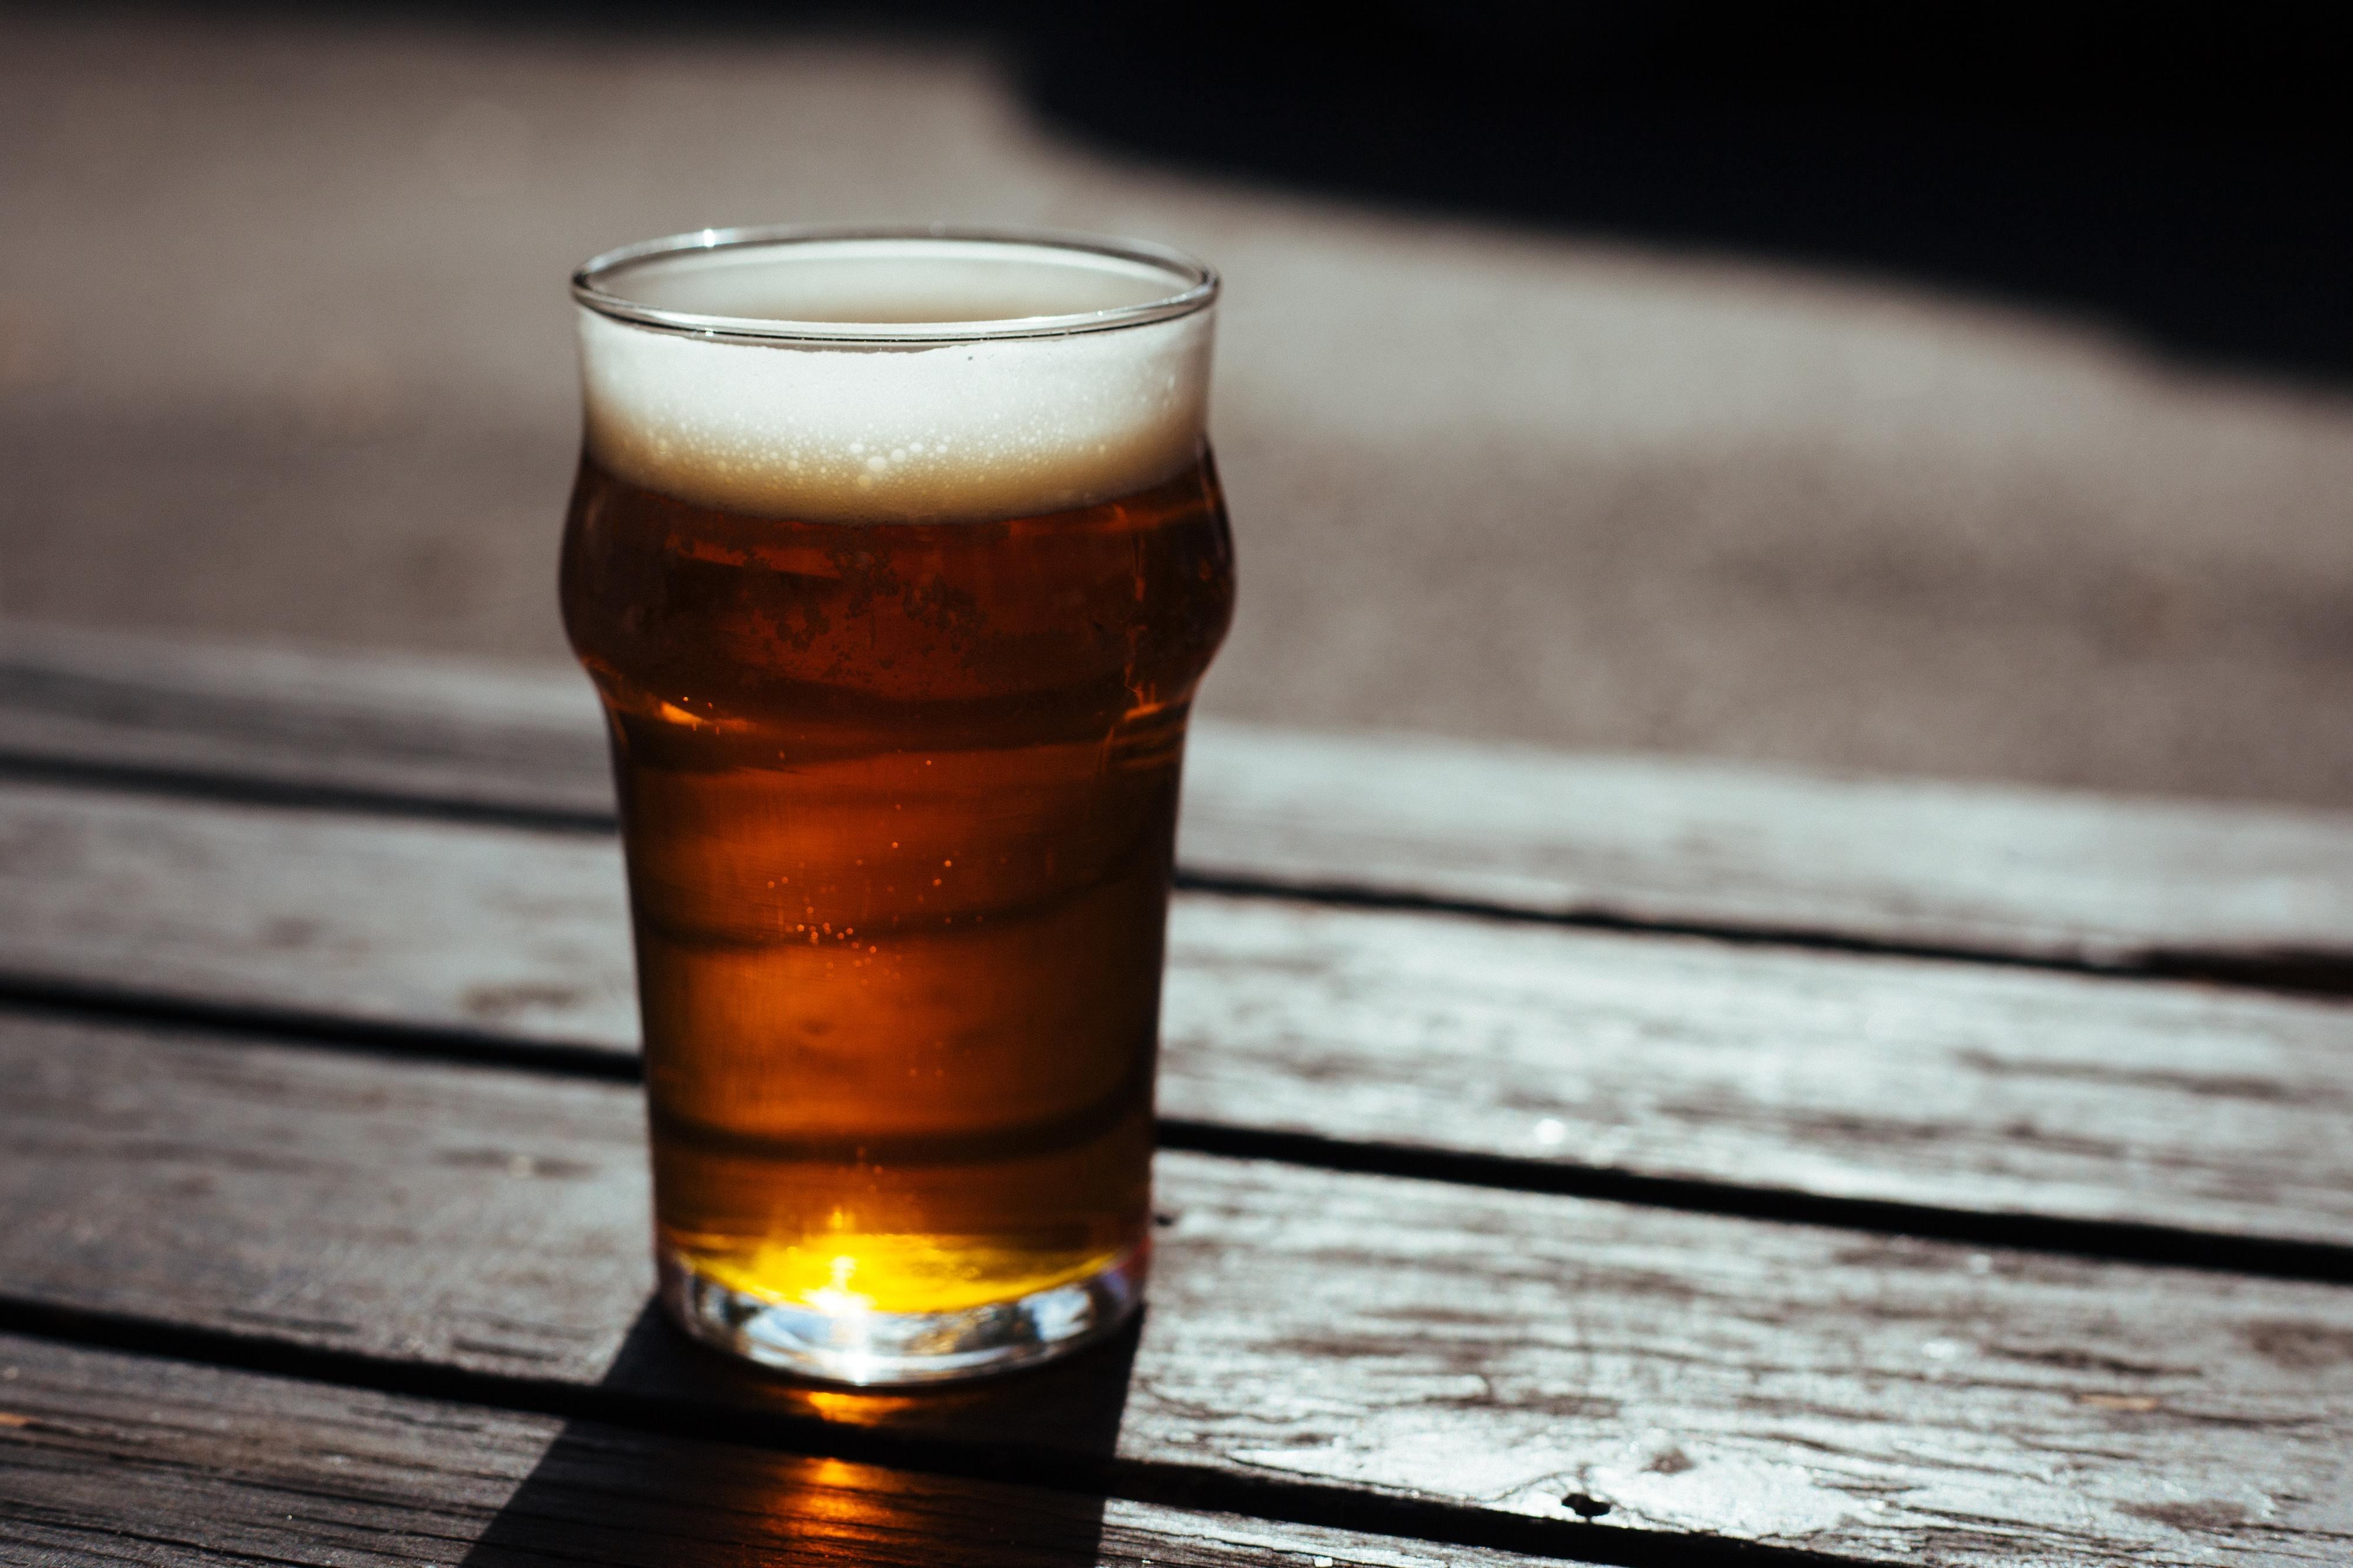 Chama-se LOBA e é a nova cerveja artesanal portuense